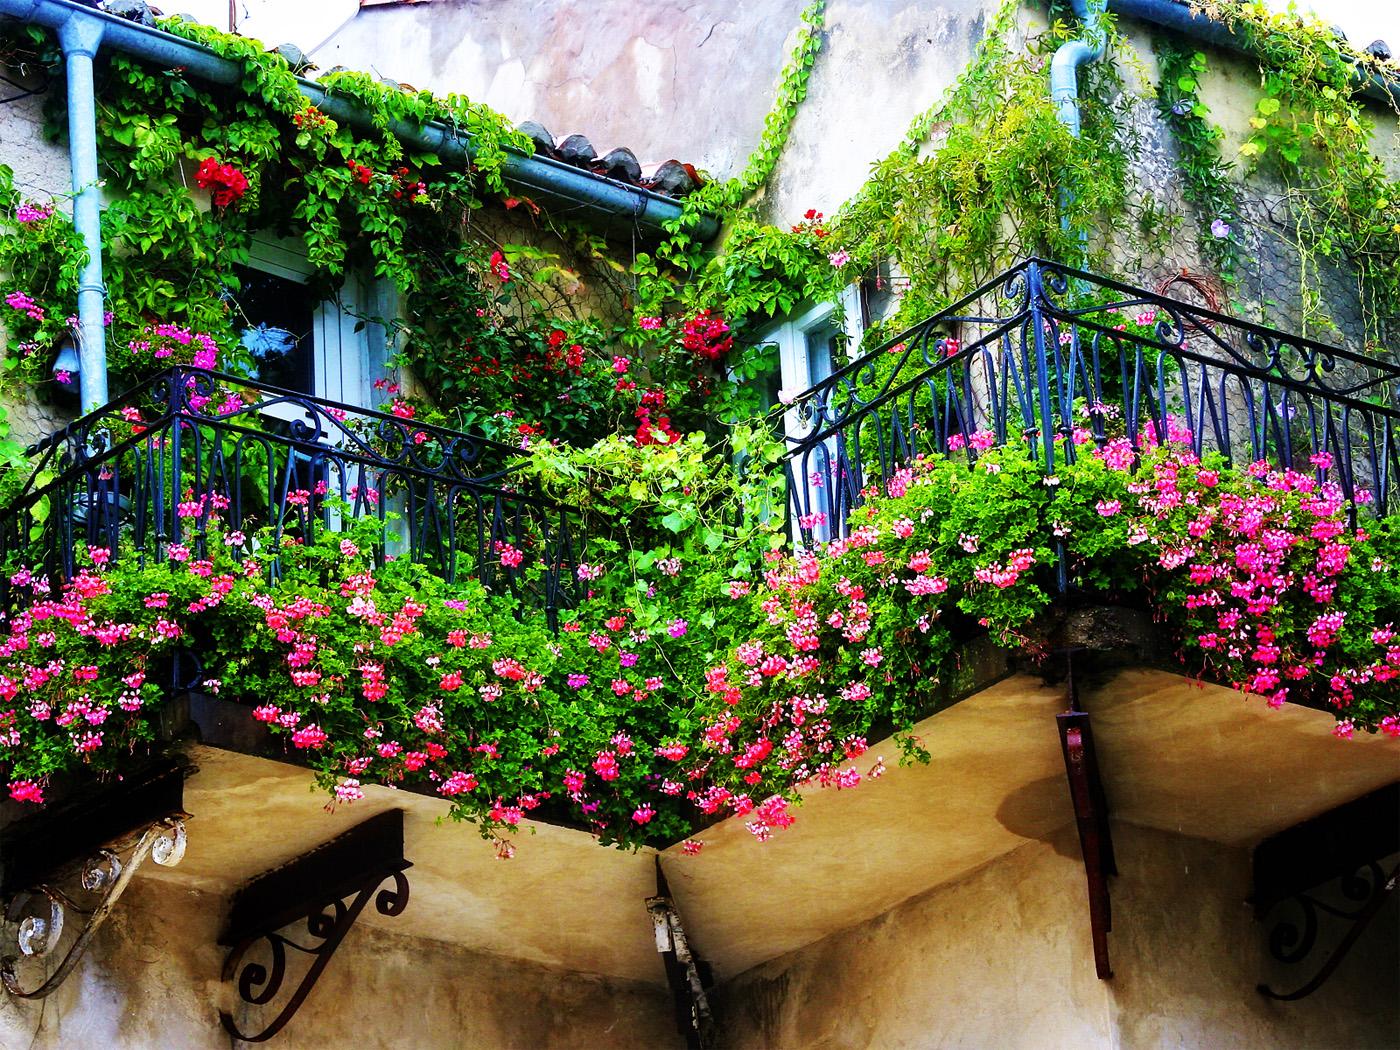 Nhà phố siêu xinh với mẹo trang trí ban công đẹp bằng hoa 05